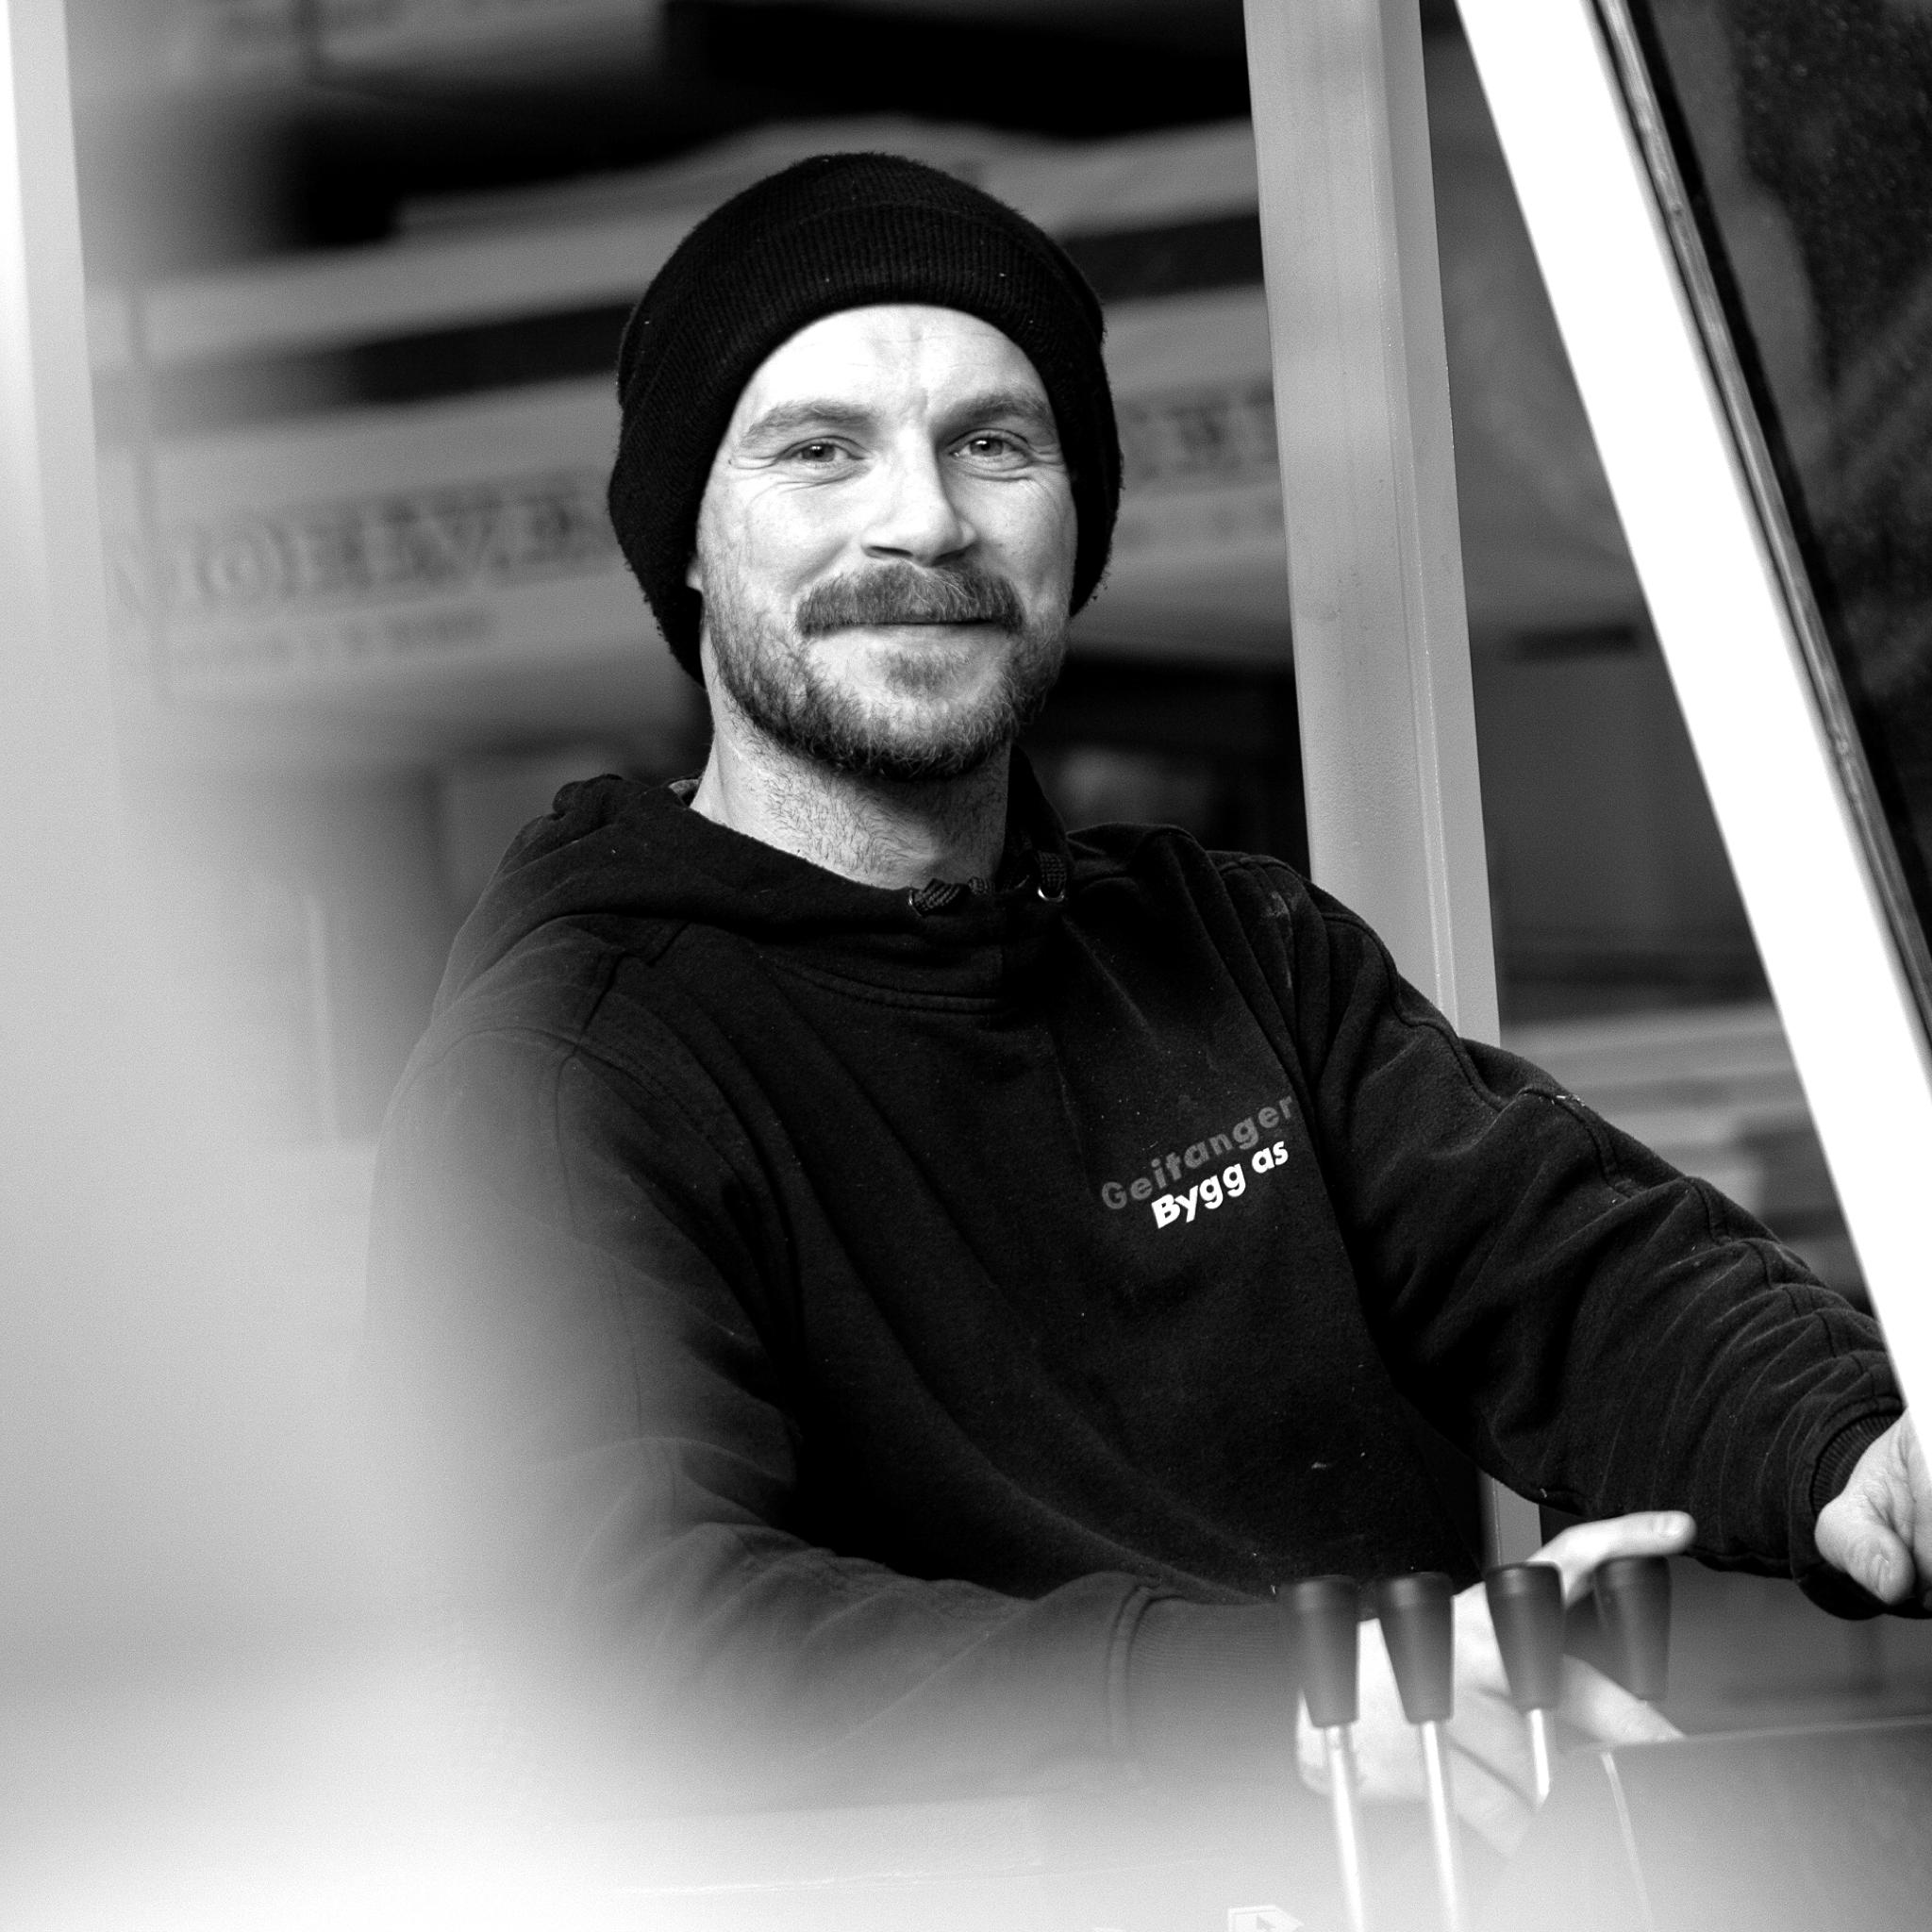 Fredrik Styrvoll